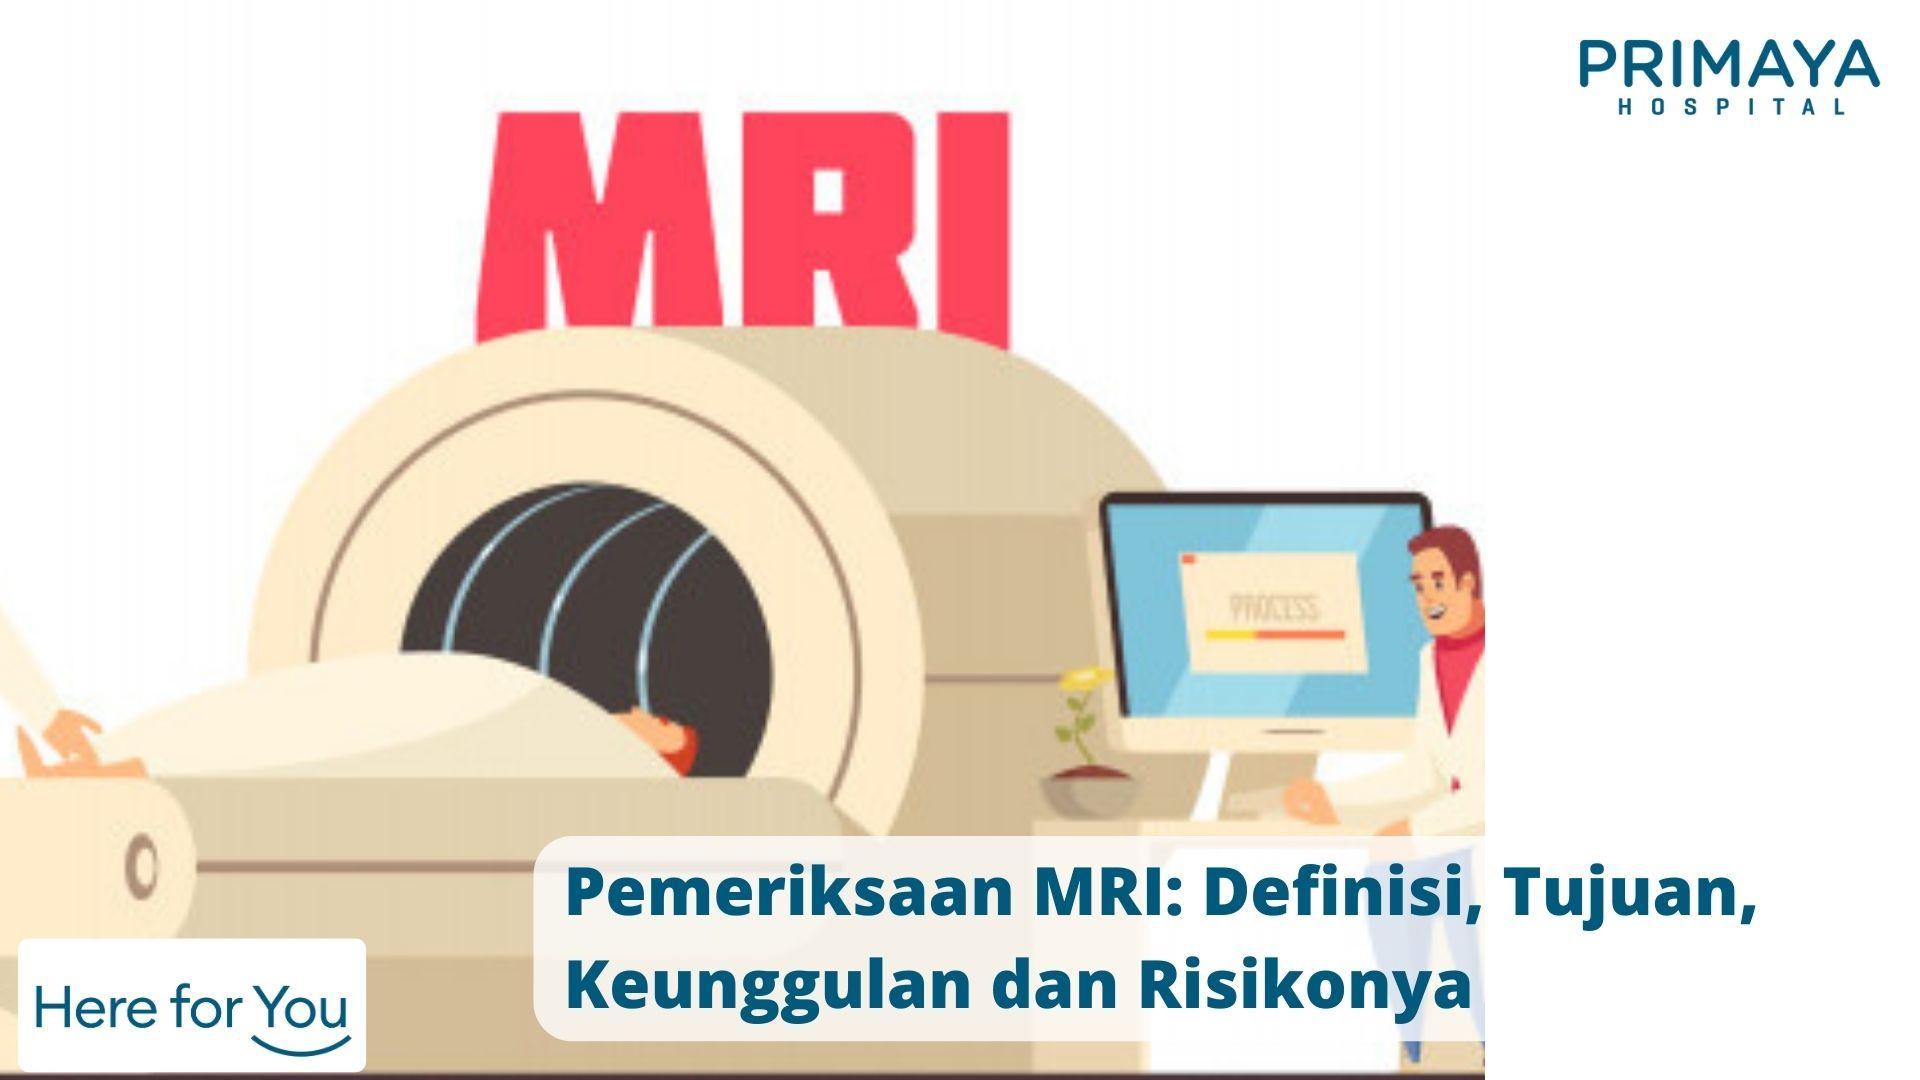 Pemeriksaan MRI_ Definisi, Tujuan, Keunggulan dan Risikonya